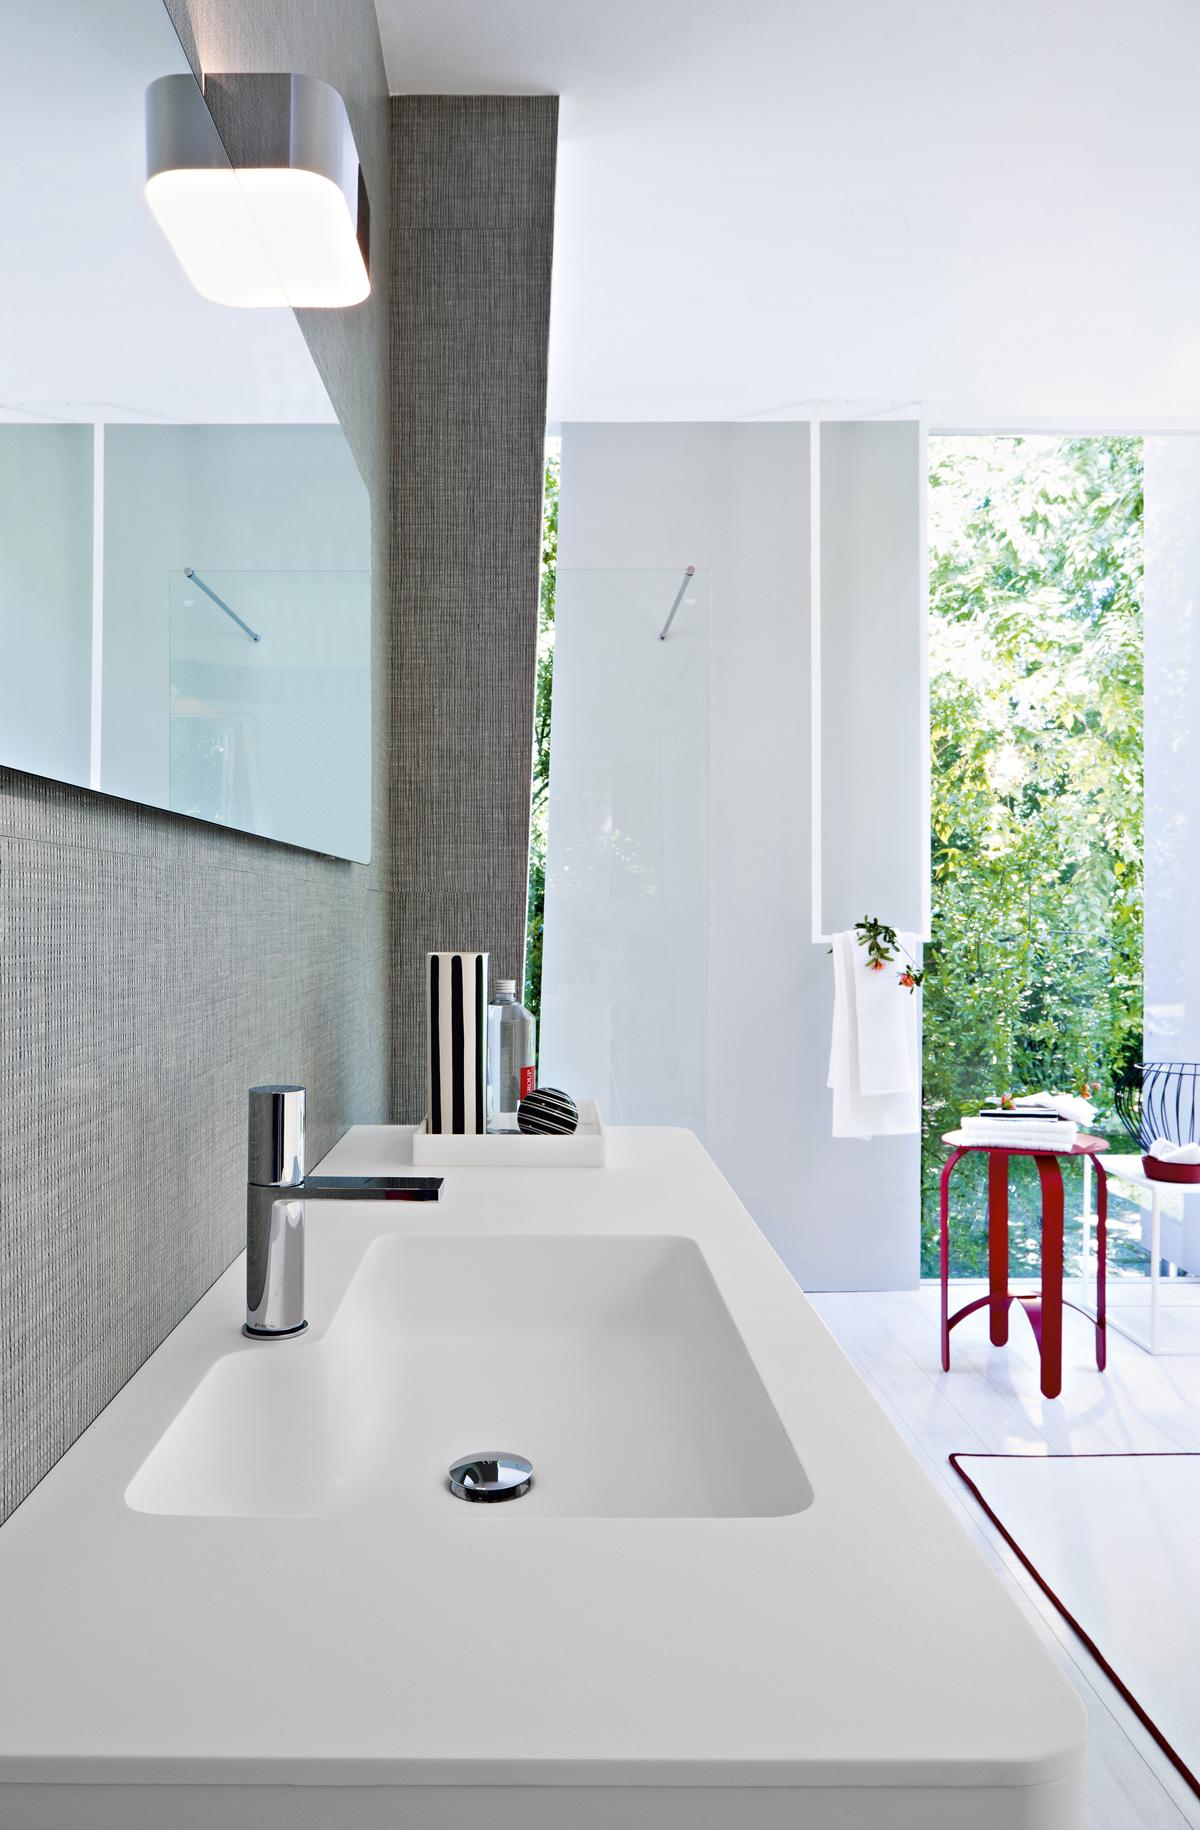 Come scegliere il lavabo del bagno ideagroup blog - Lavabo angolare bagno ...